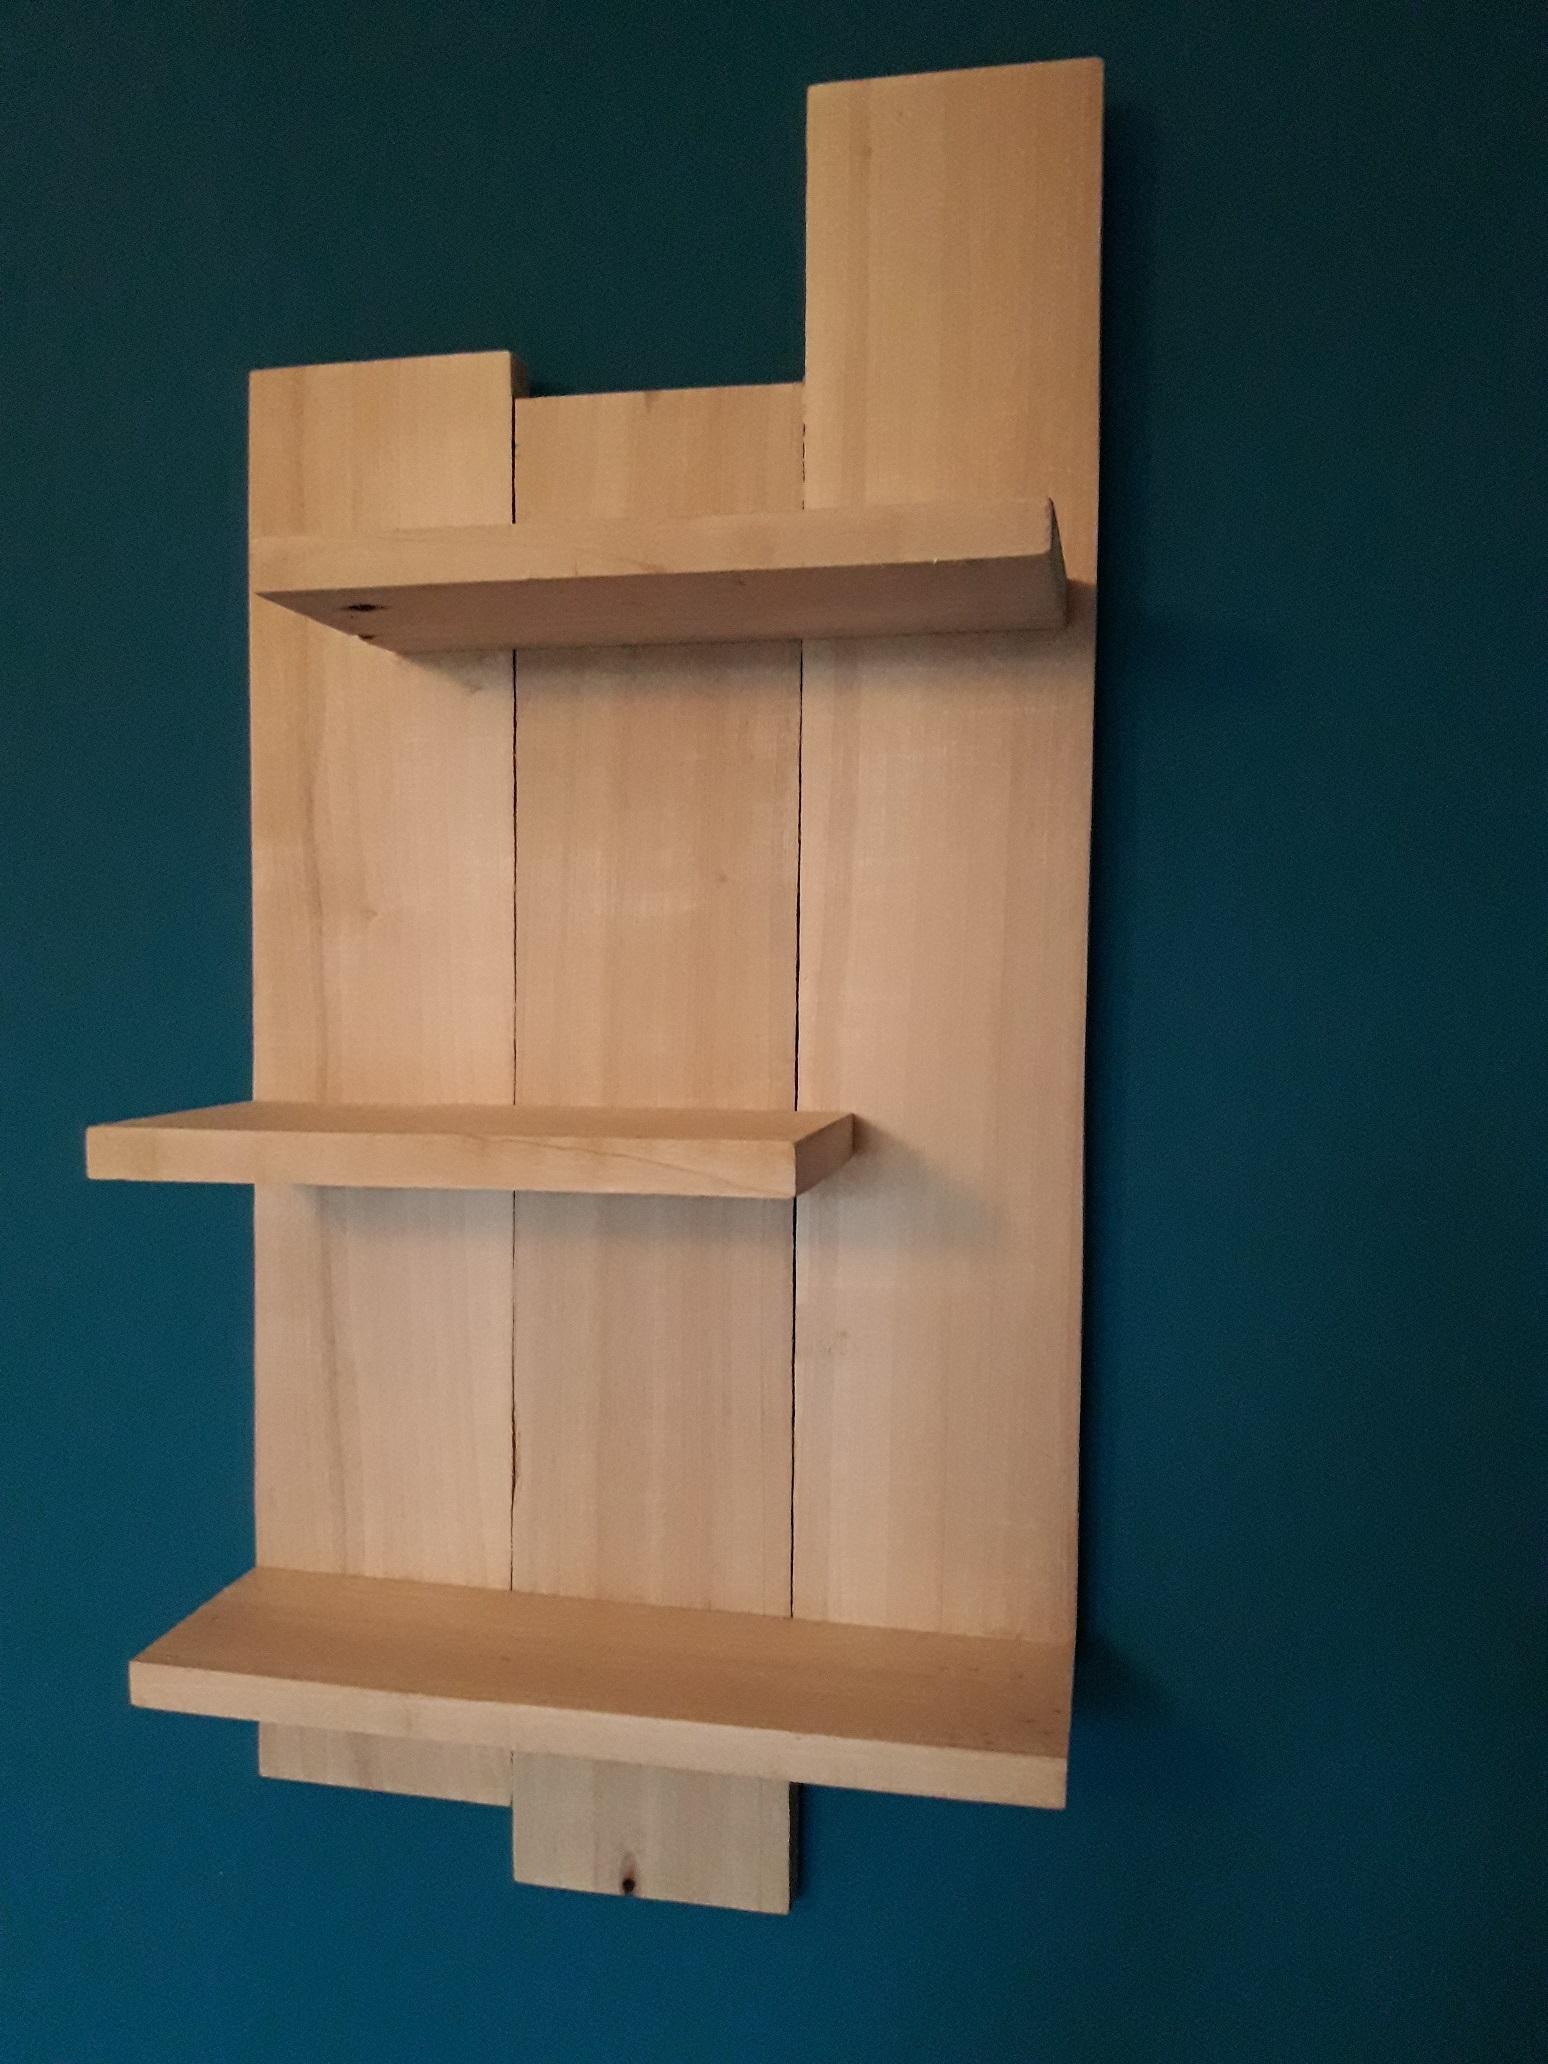 etag re en bois brut decoration murale maison par. Black Bedroom Furniture Sets. Home Design Ideas